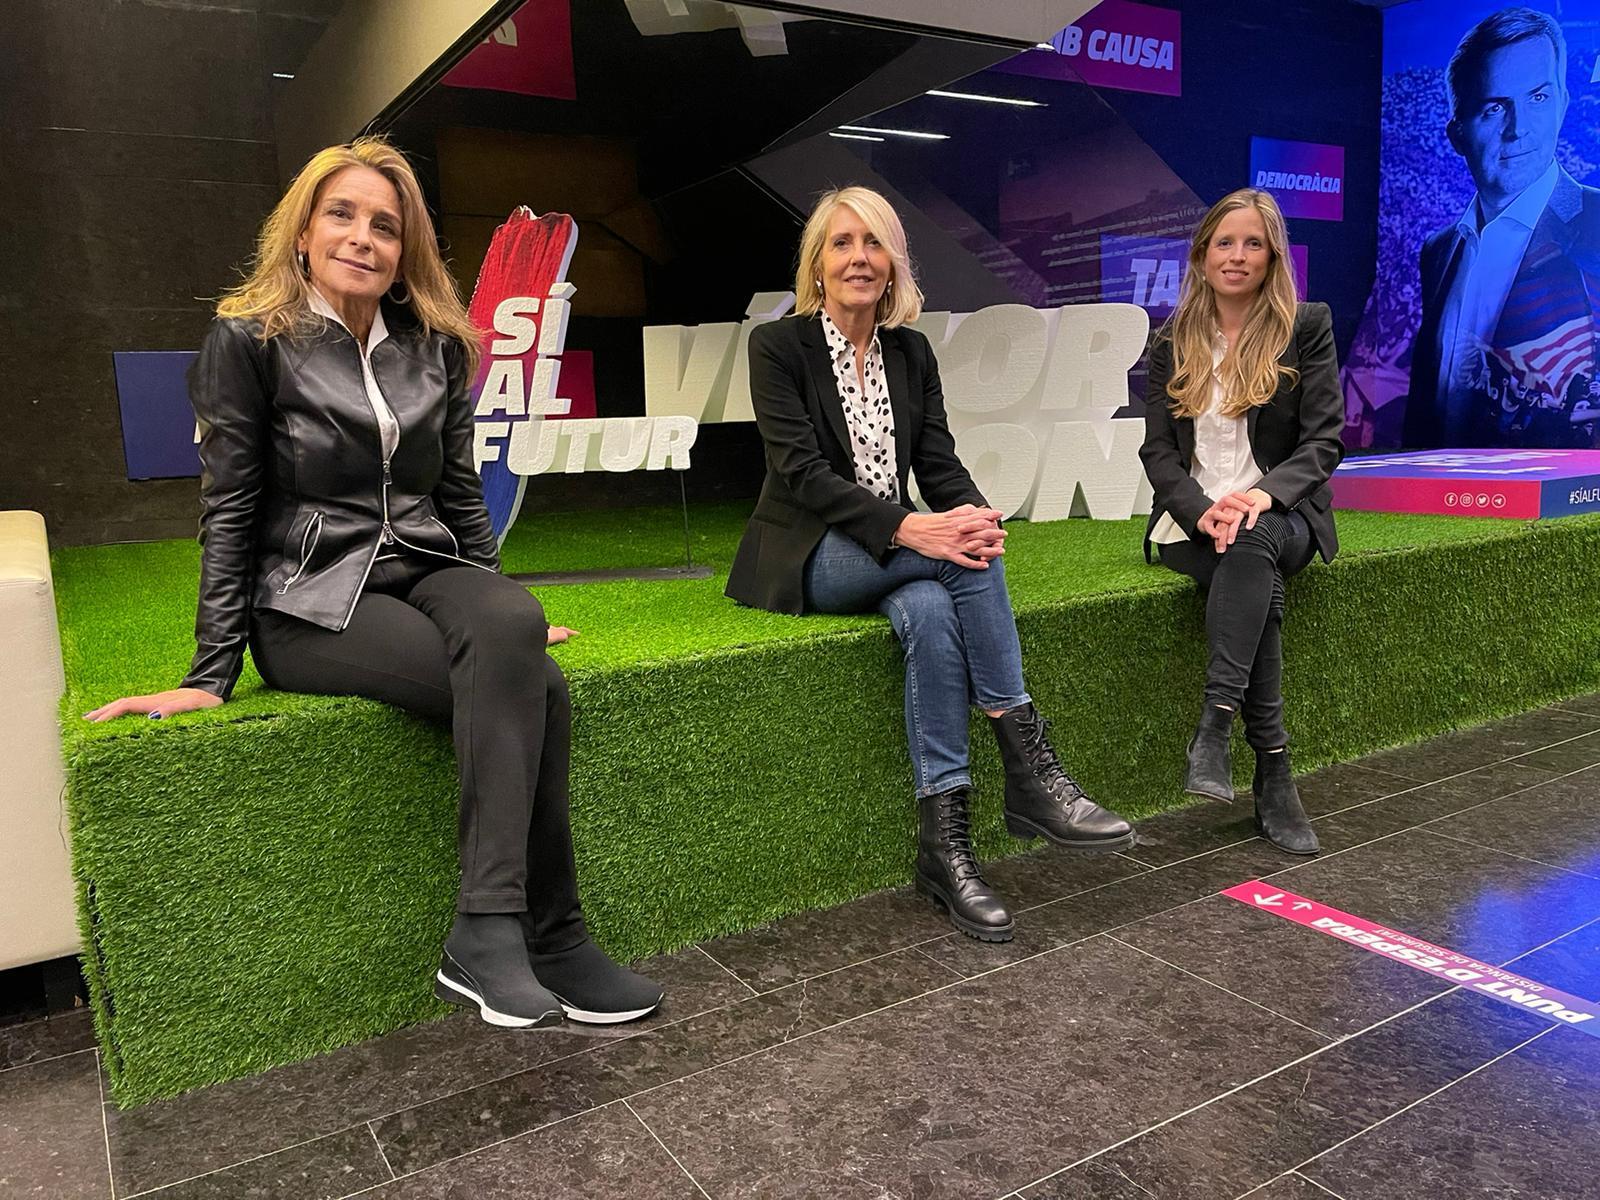 Annamari Basora, Carolina Fabregat i Maria José Balañá, noves conselleres de Sí al futur